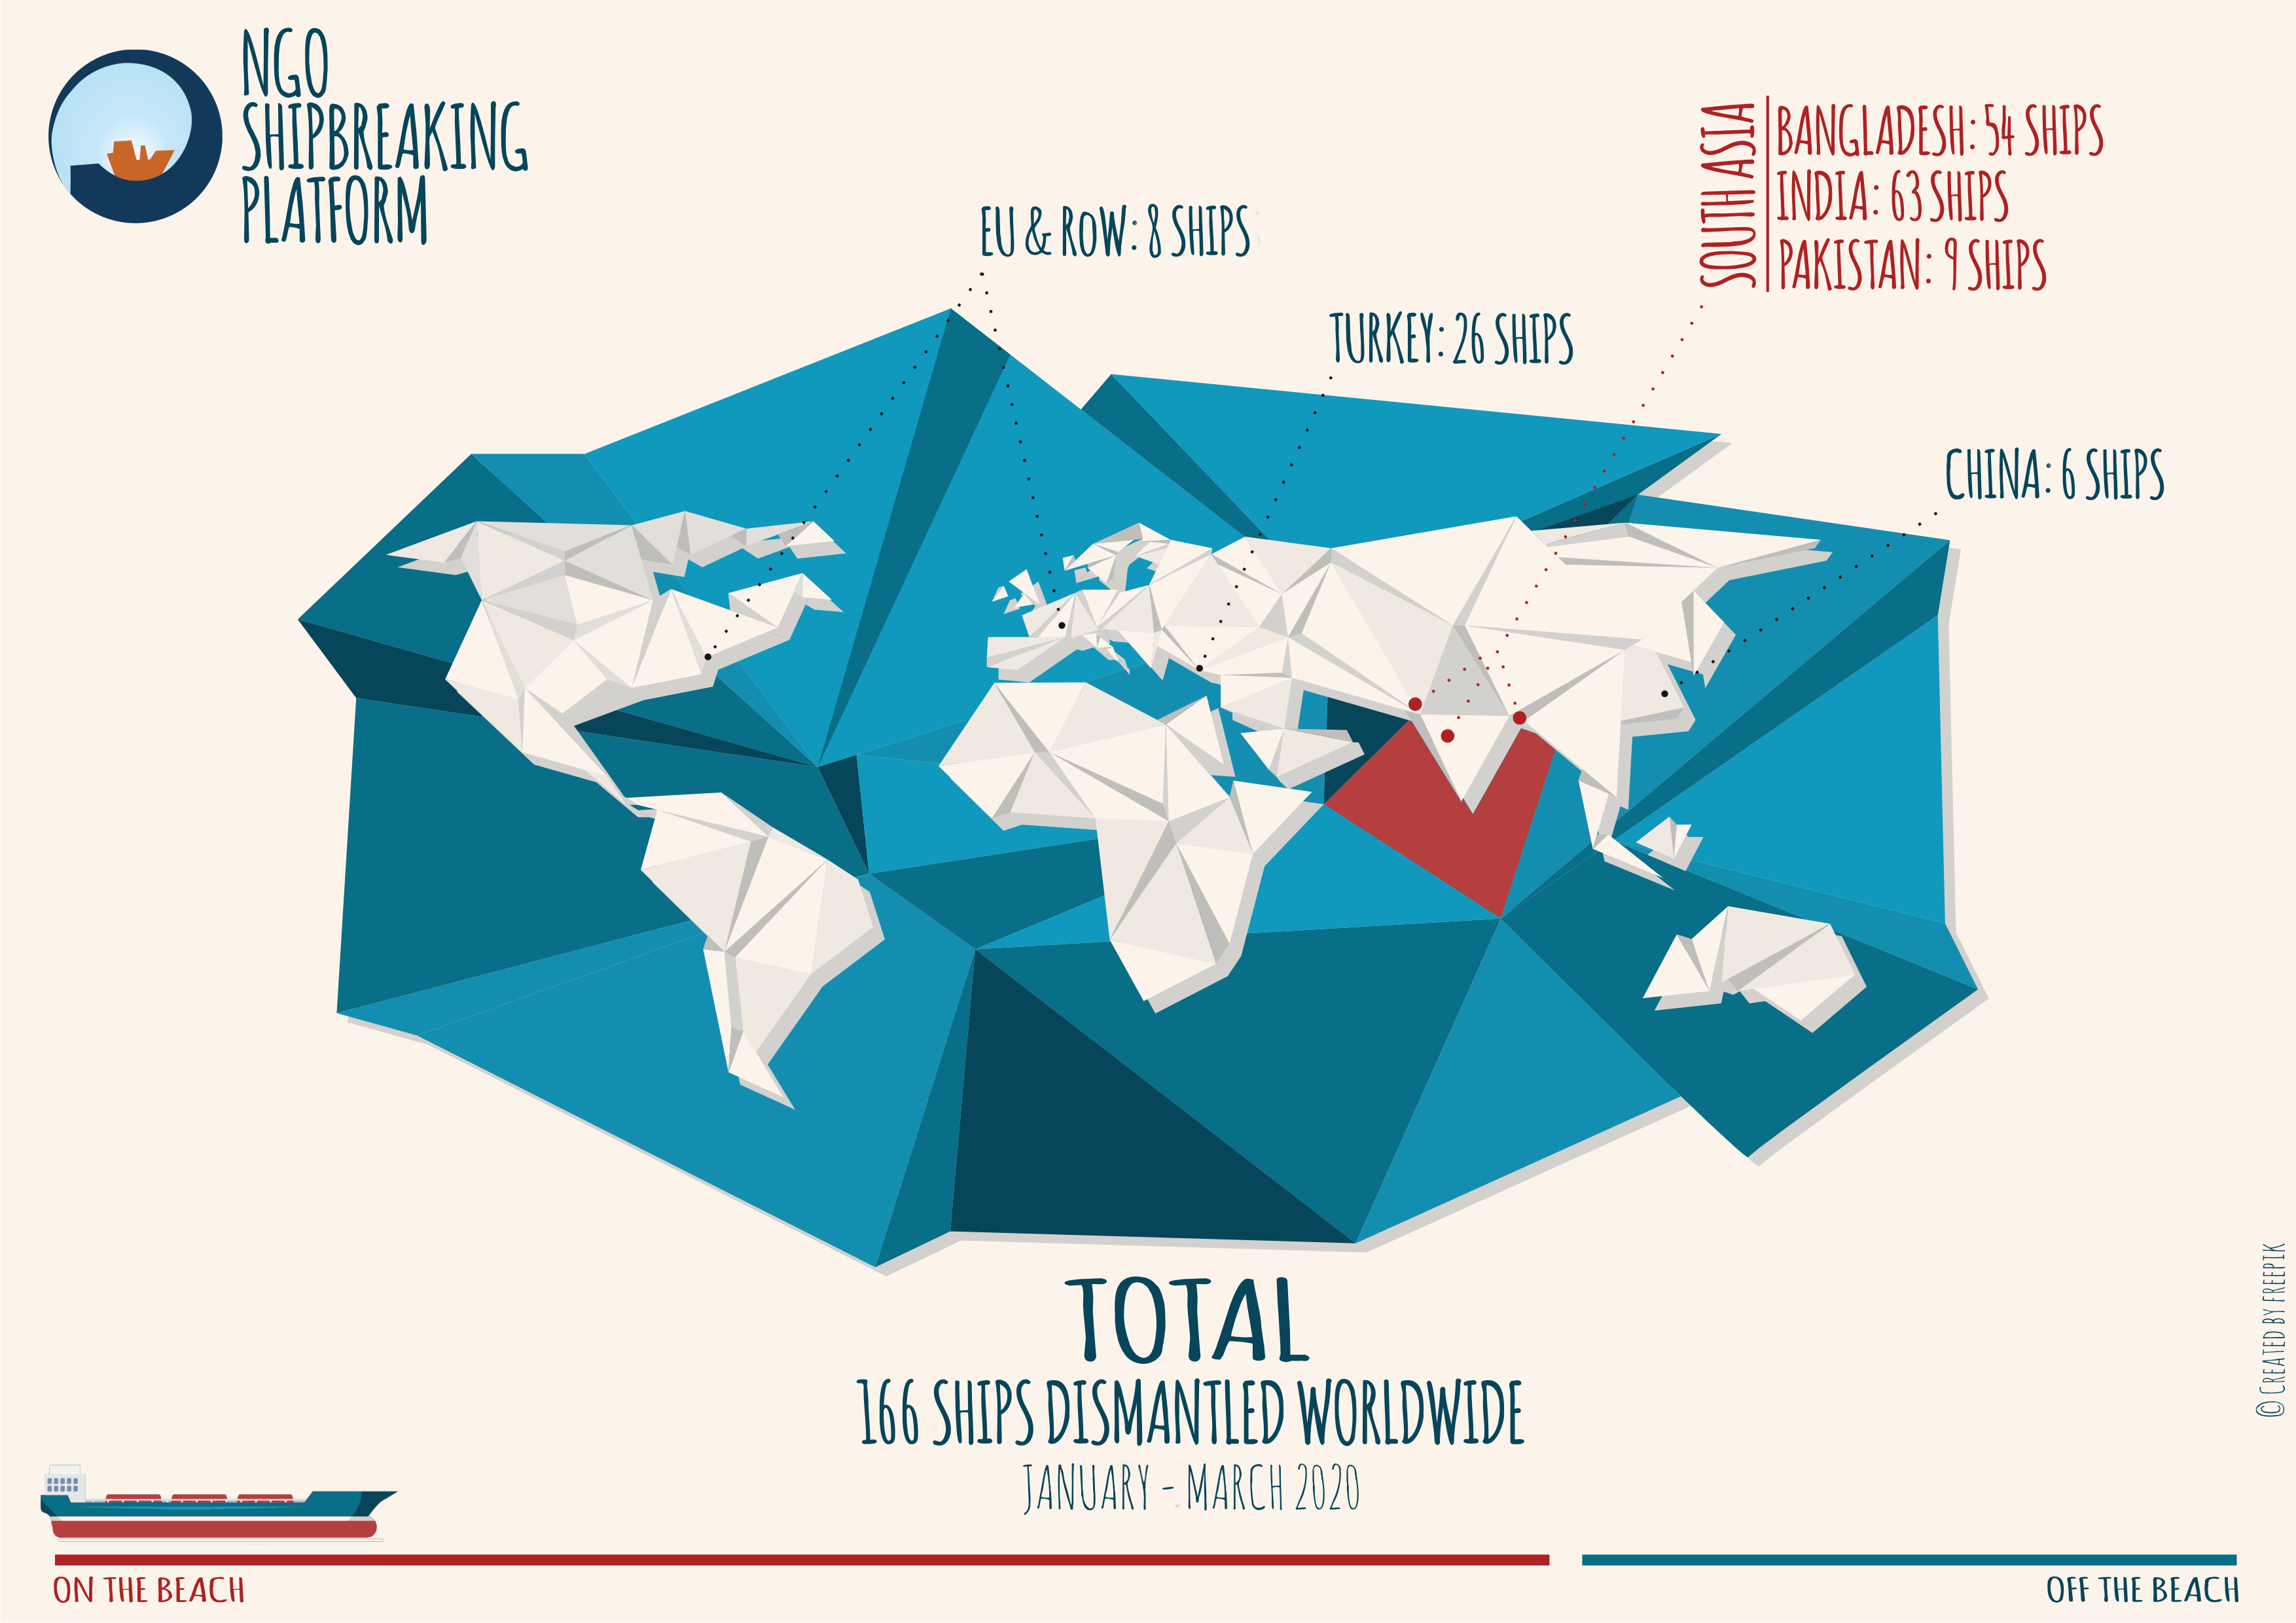 NGO Shipbreaking stats